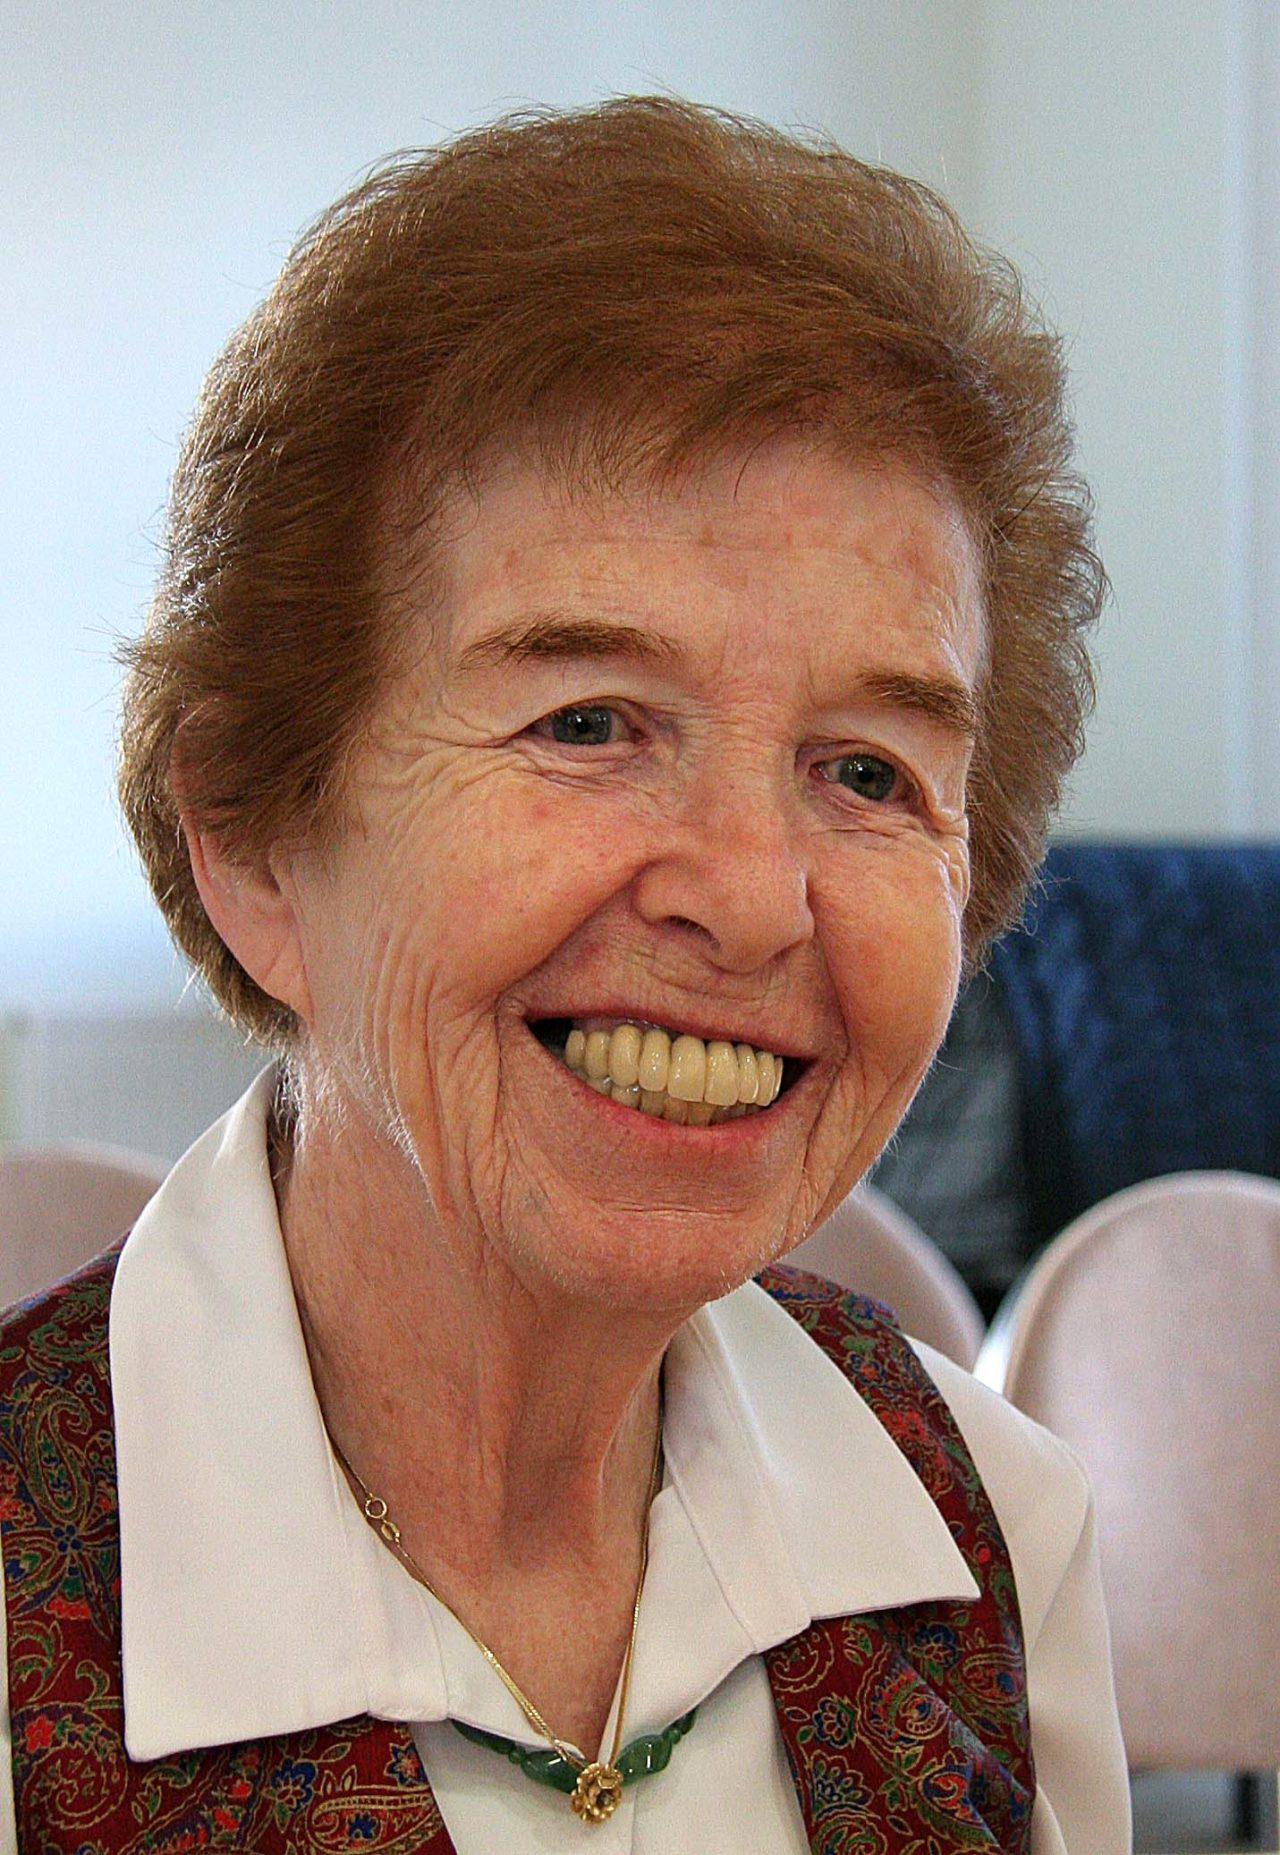 Holocaust survivor Eve Kugler meets poet Sarah Hesketh